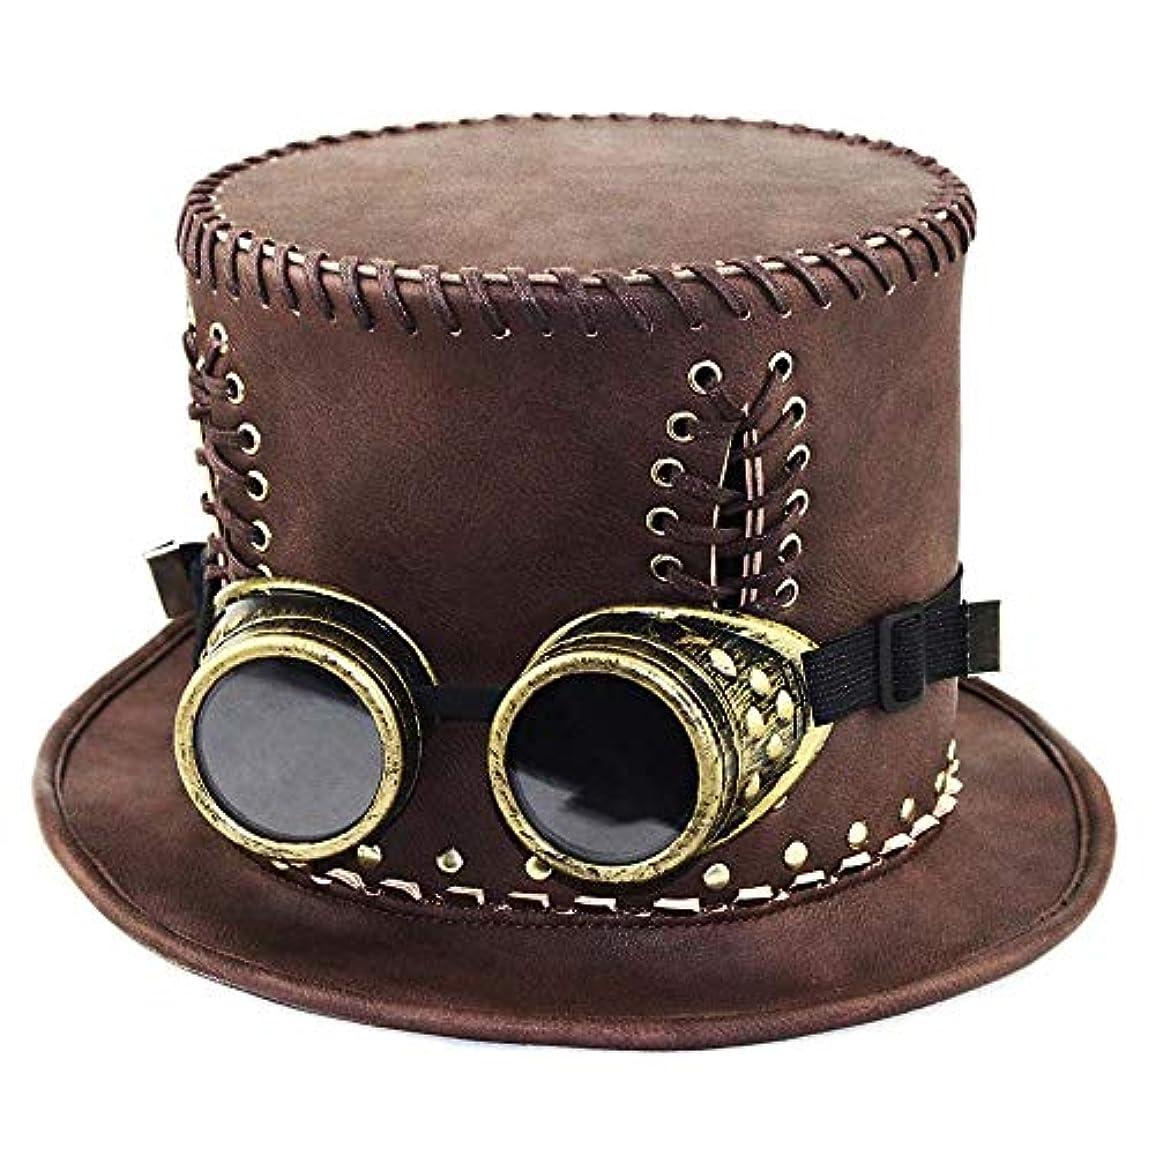 経済的不確実創造ETH ハロウィンダンスパーティーの小道具は、工業用スチームパンクレトロな紳士の帽子の女性のS-XLのコスプレ 適用されます (Size : XL)